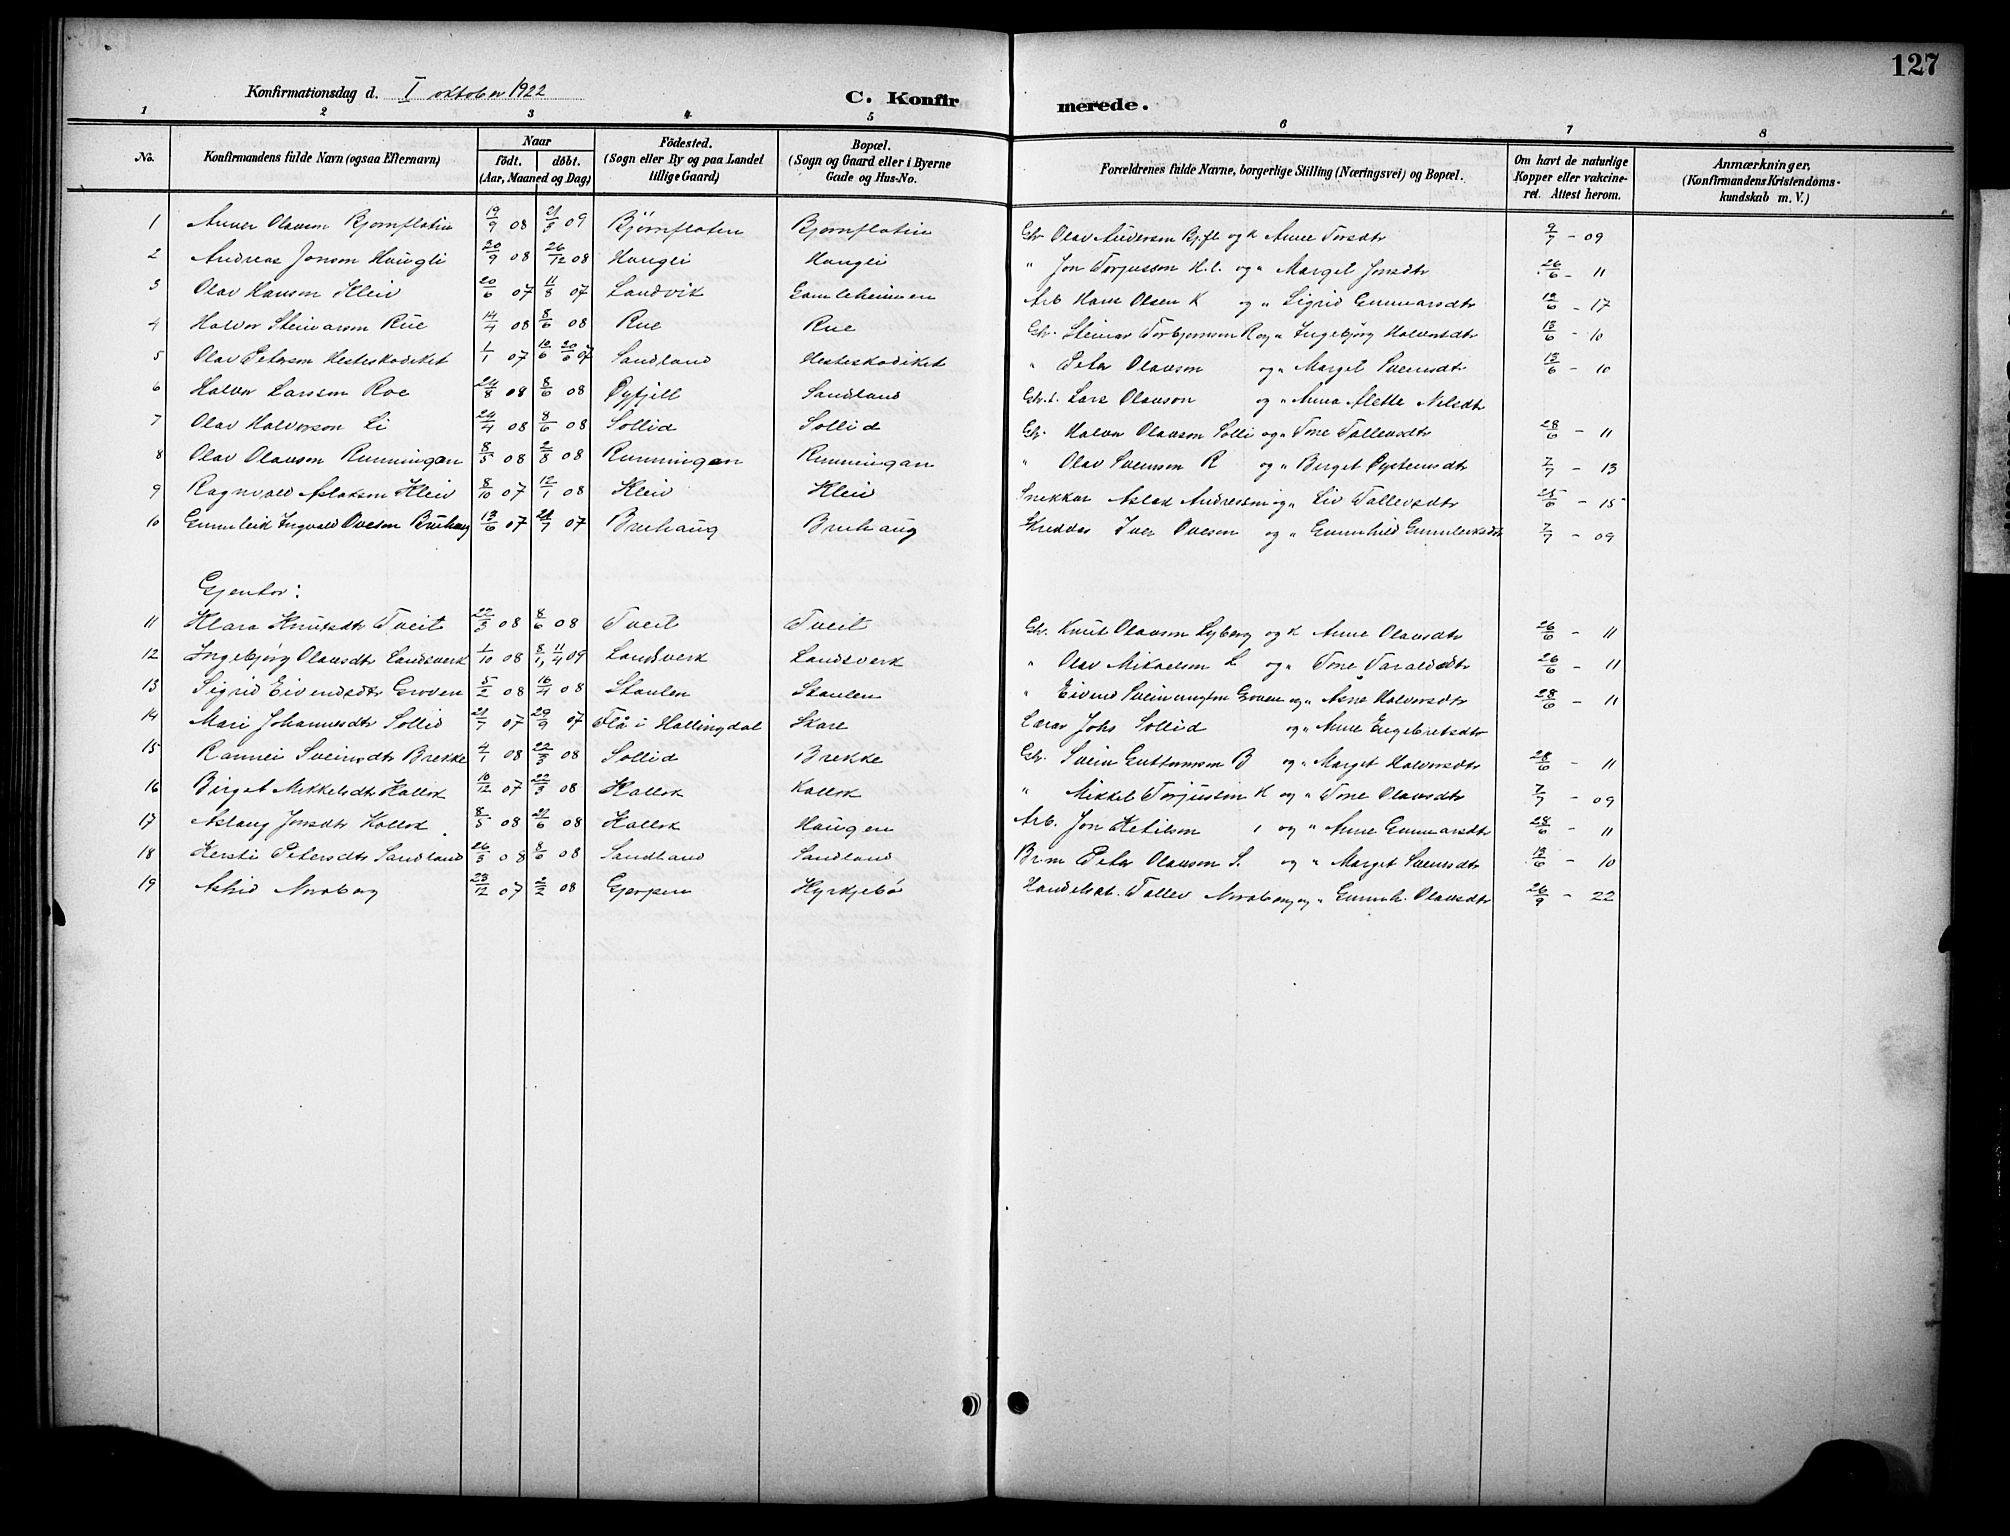 SAKO, Kviteseid kirkebøker, G/Gb/L0003: Klokkerbok nr. II 3, 1893-1933, s. 127